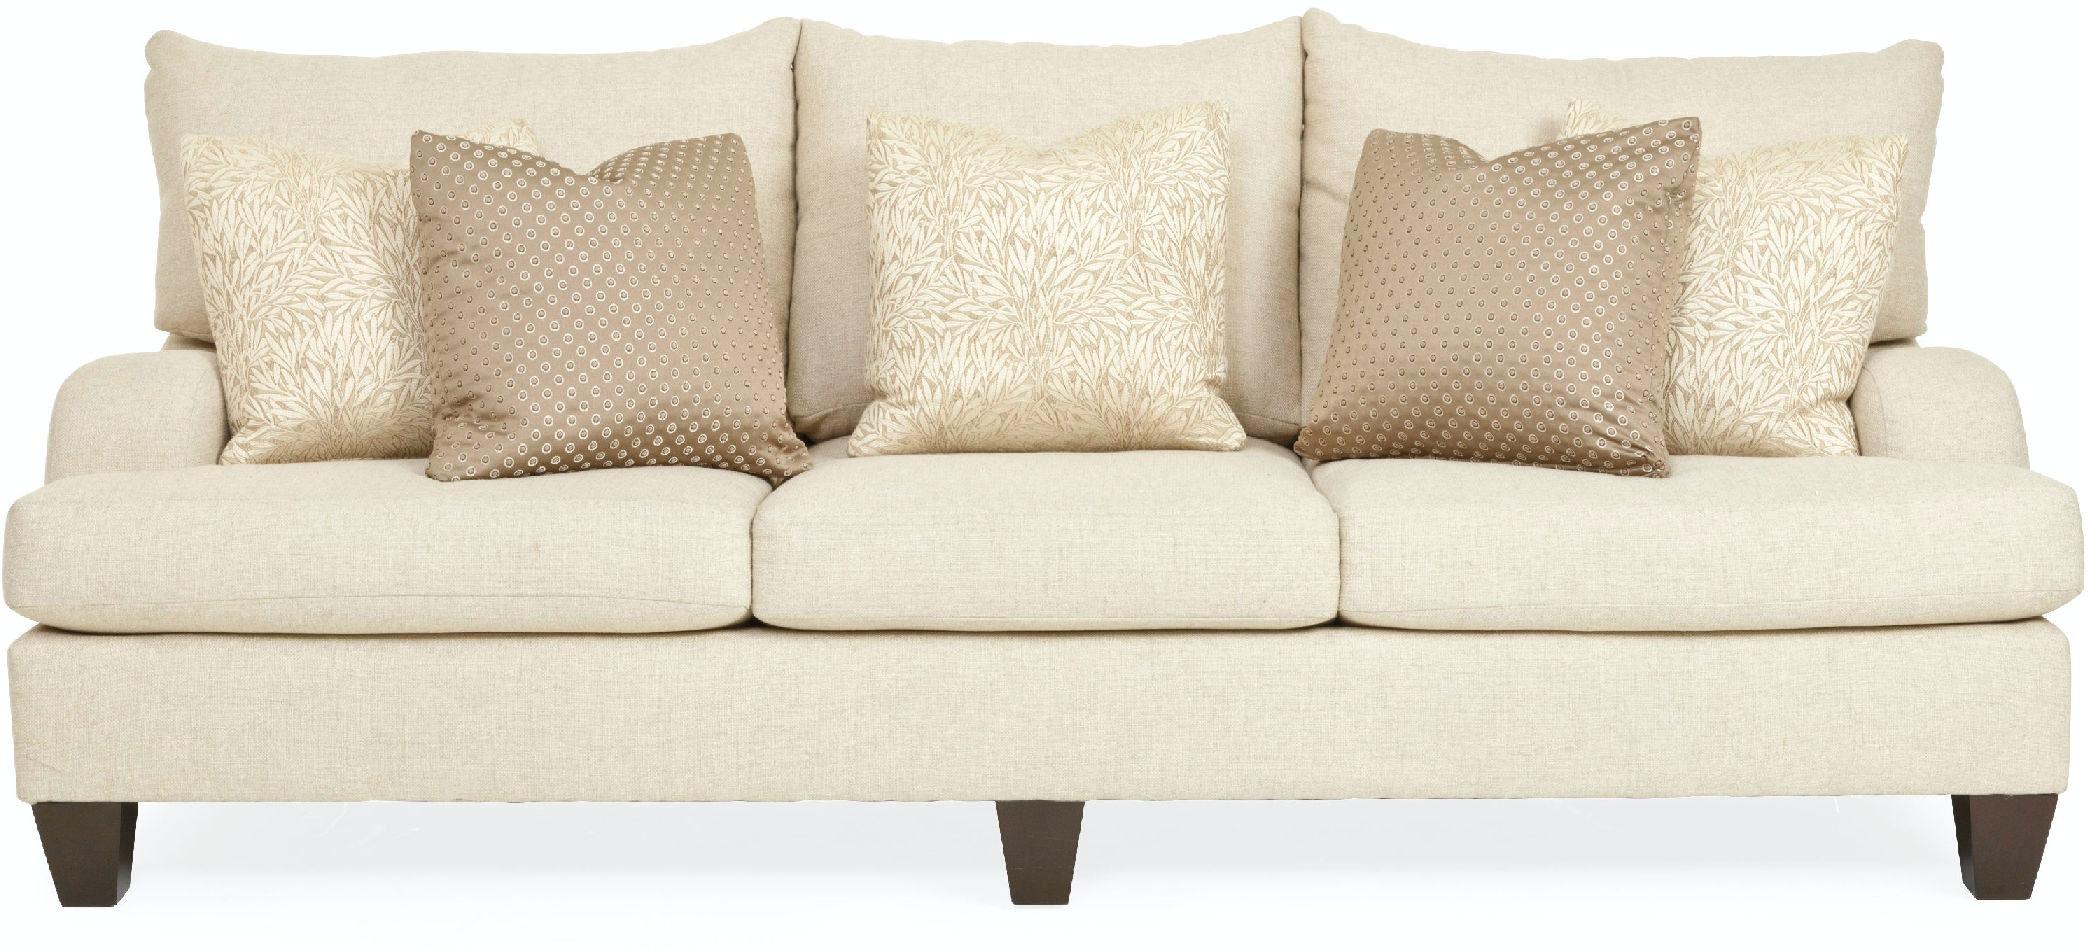 Living Room Sofas Star Furniture TX Houston Texas